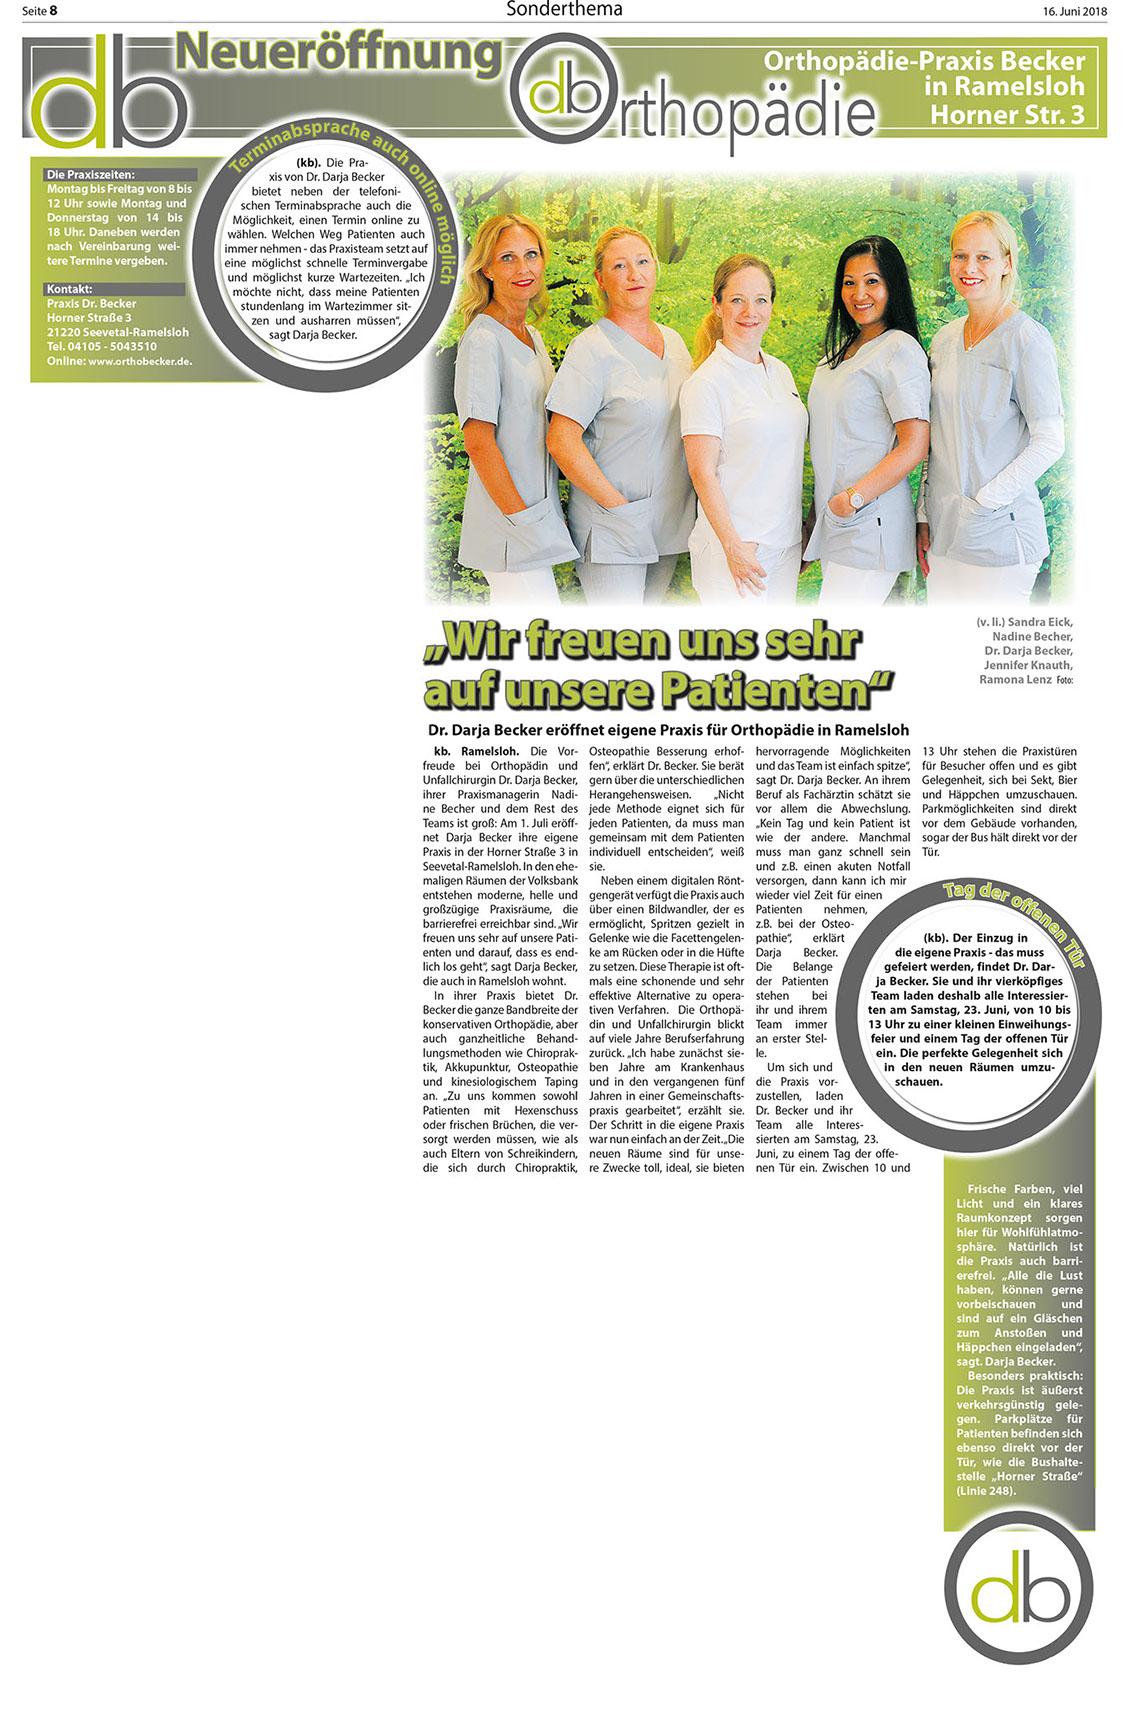 Wochenblatt vom 16.6.2018